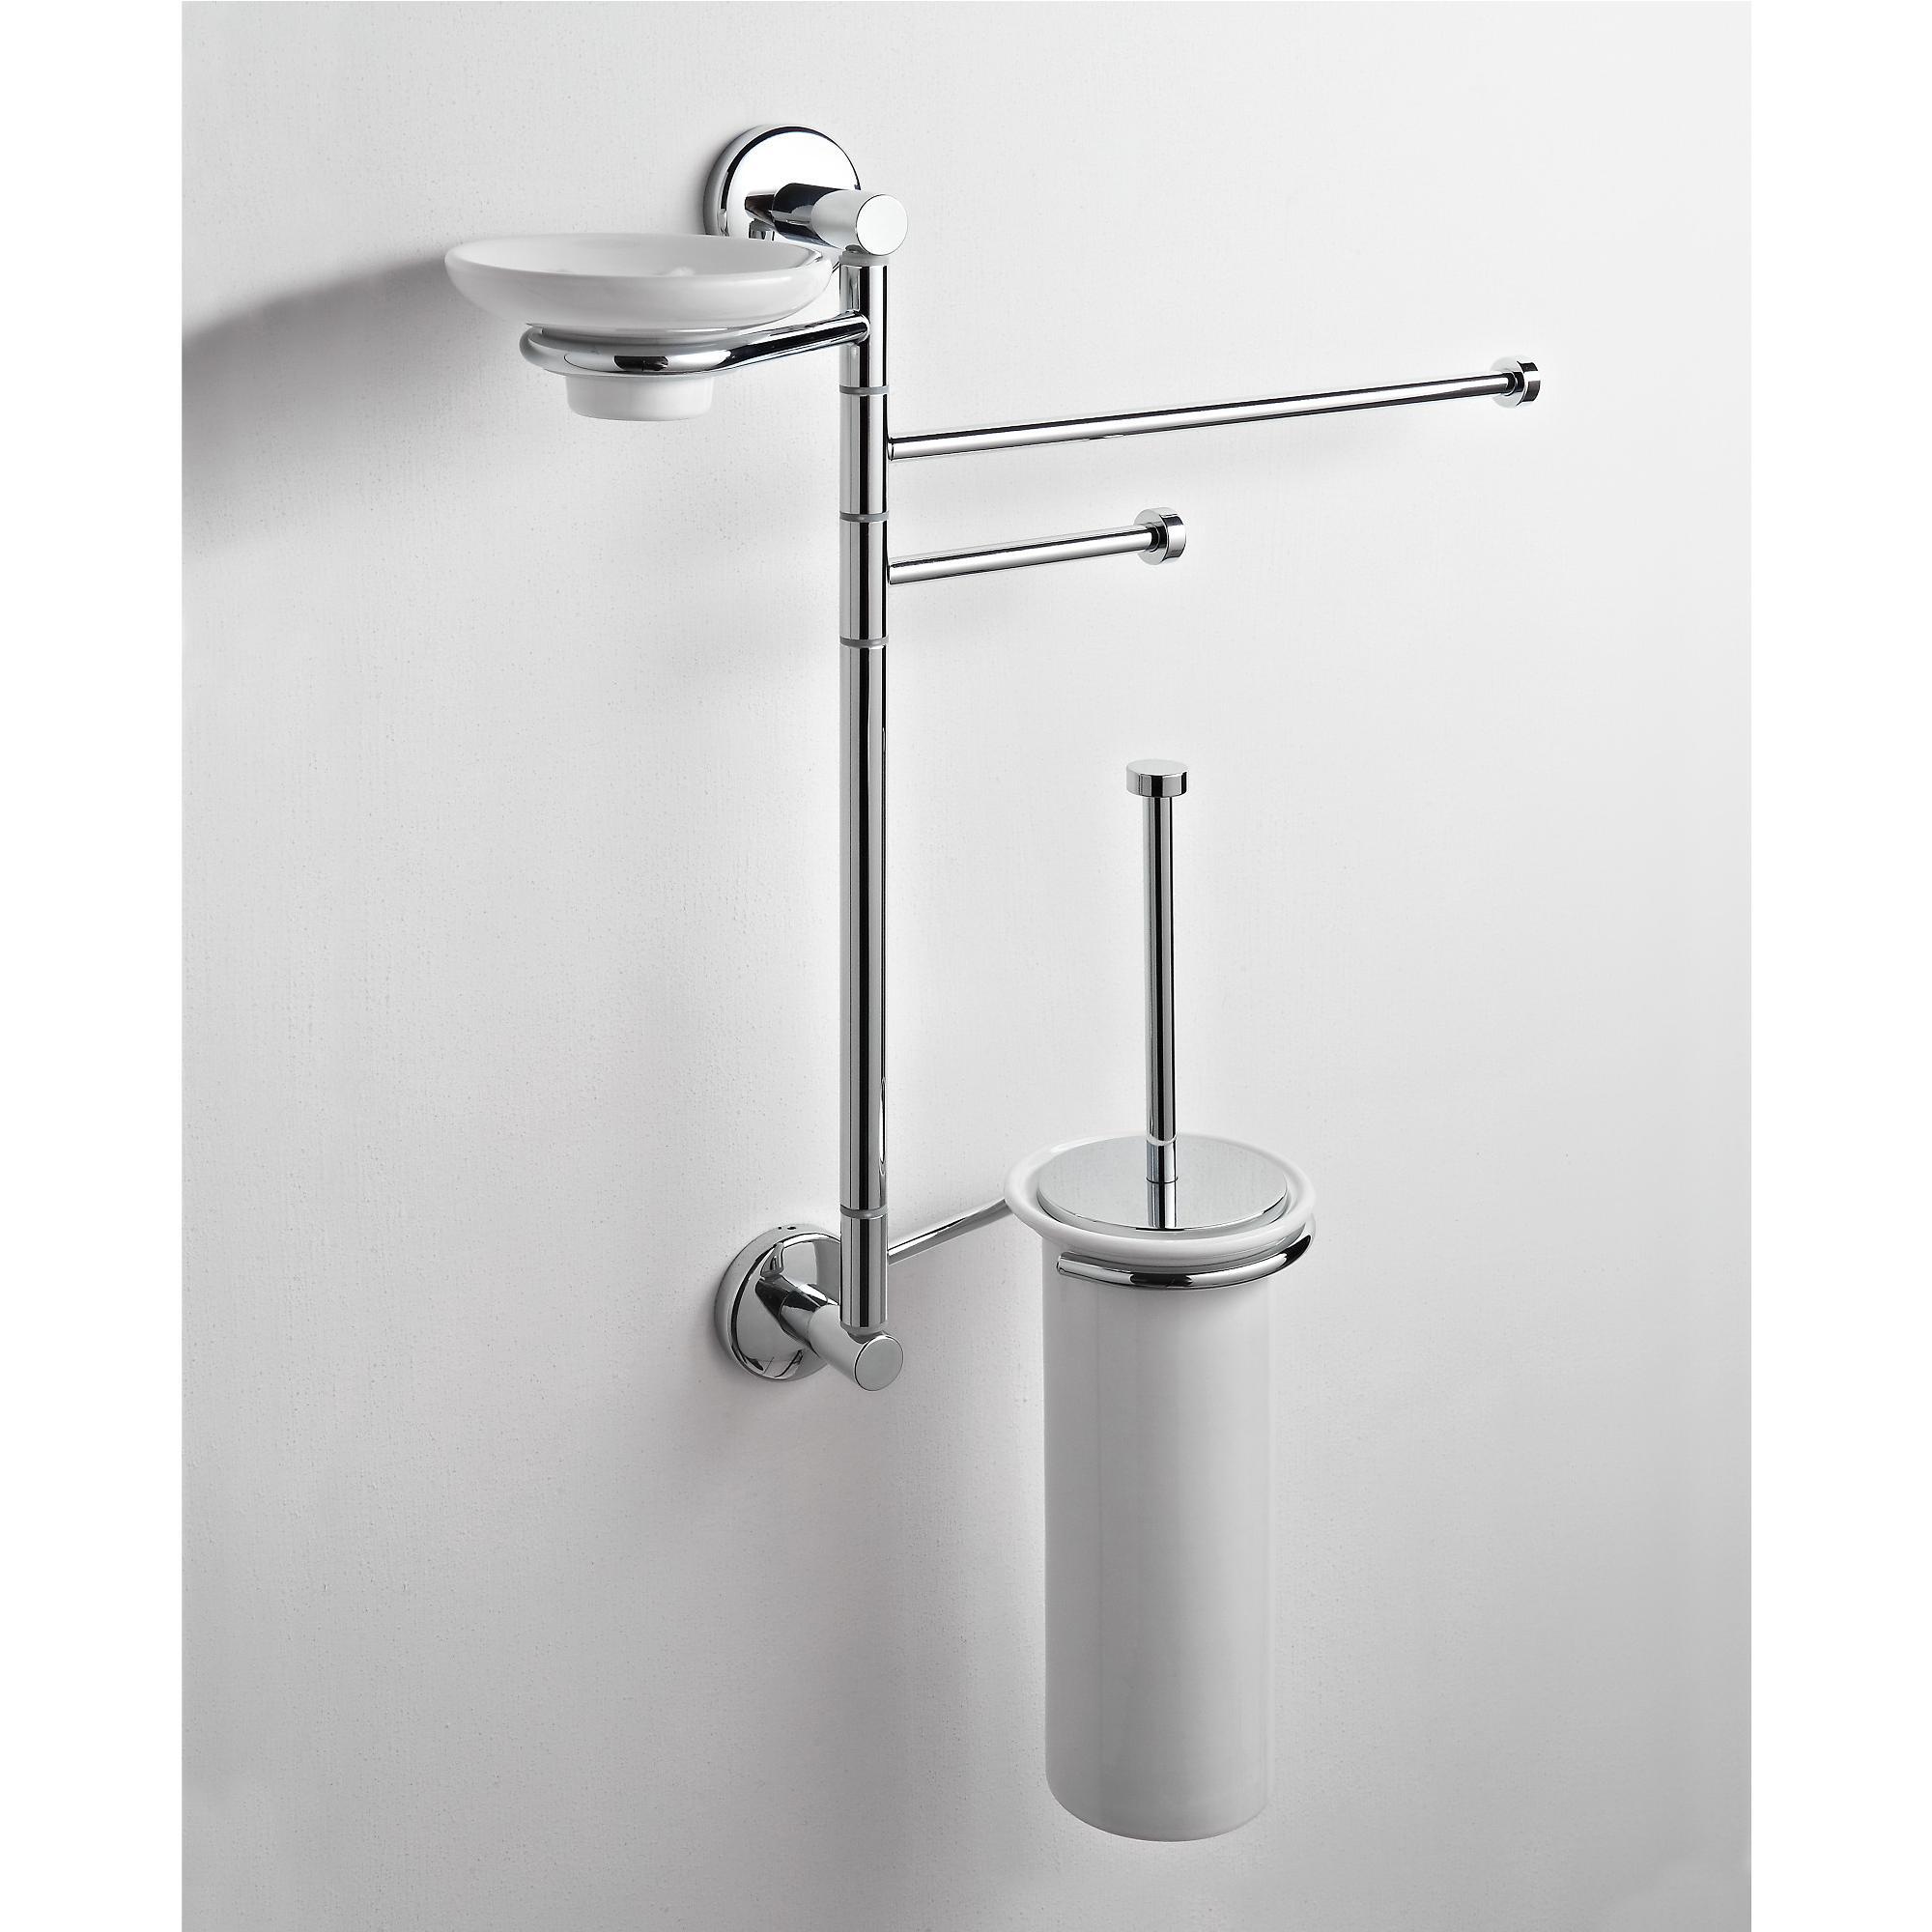 Asta attrezzata wc bidet porta scopino portasapone e - Porta asciugamani bidet ...